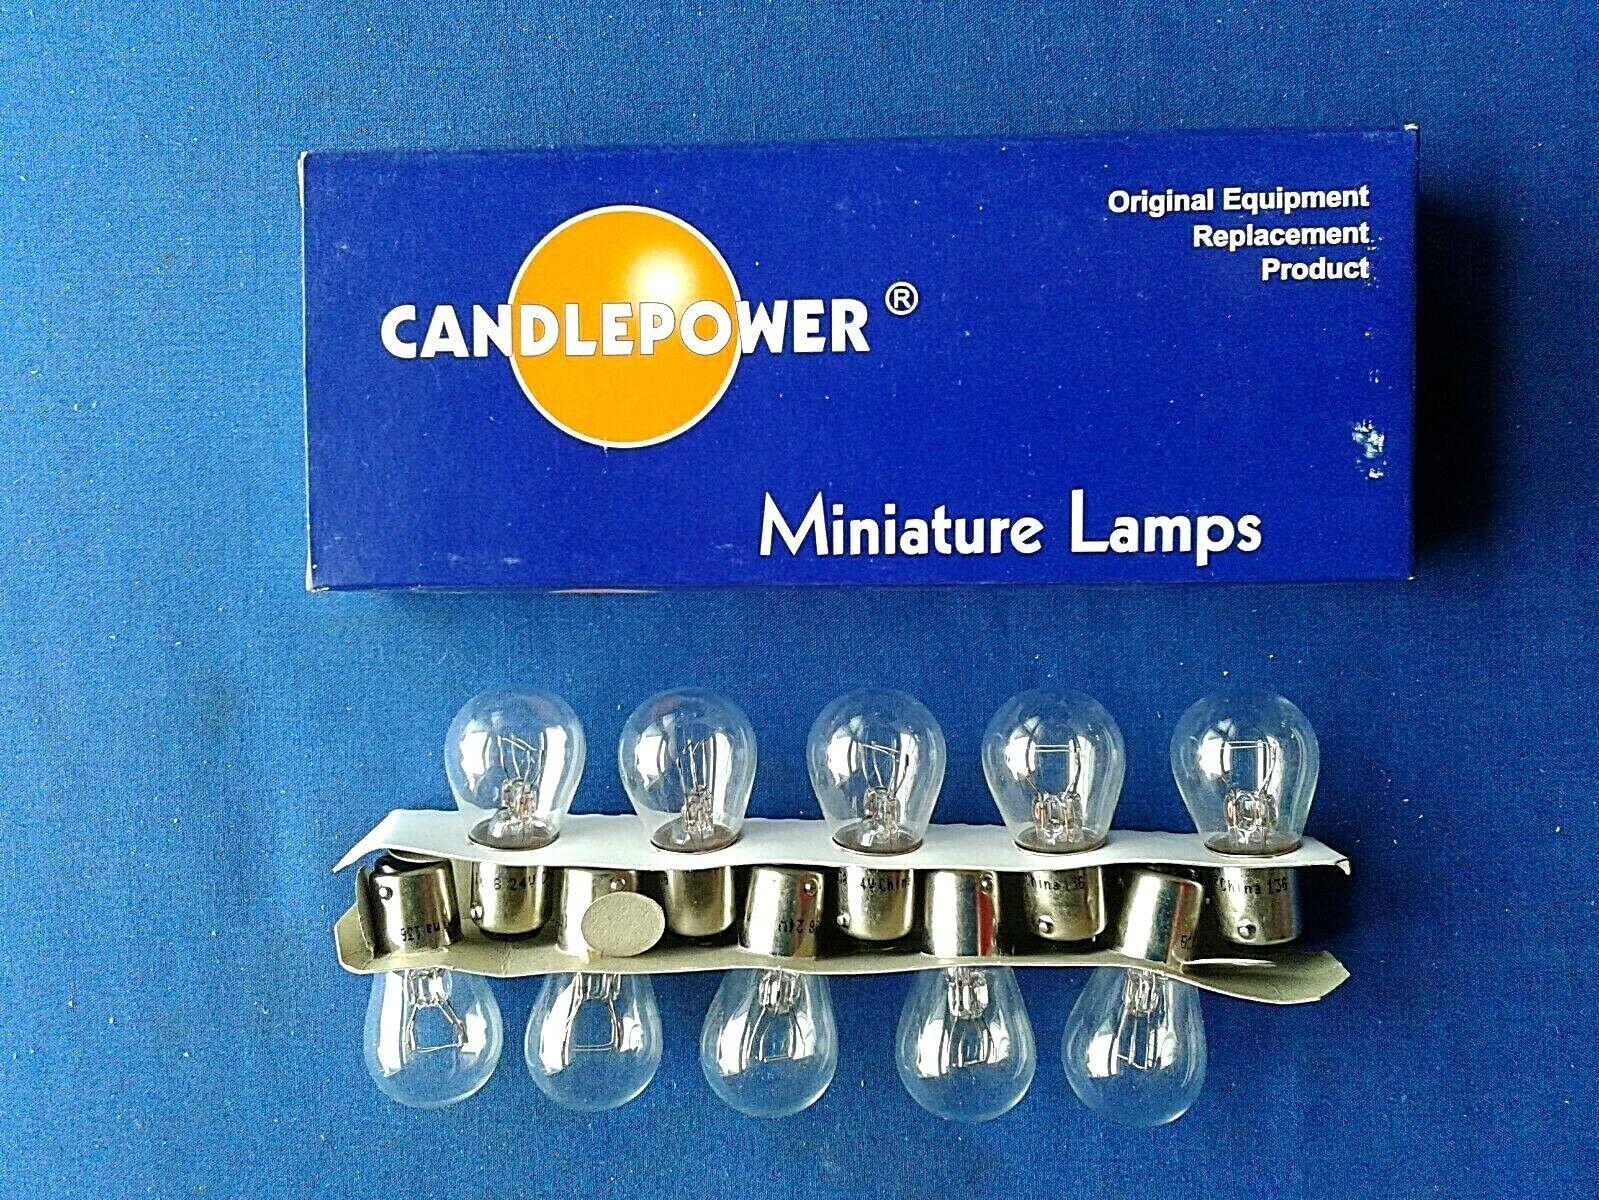 Candlepower Miniature Light Bulbs # 1638 24V 3CP Set of 10